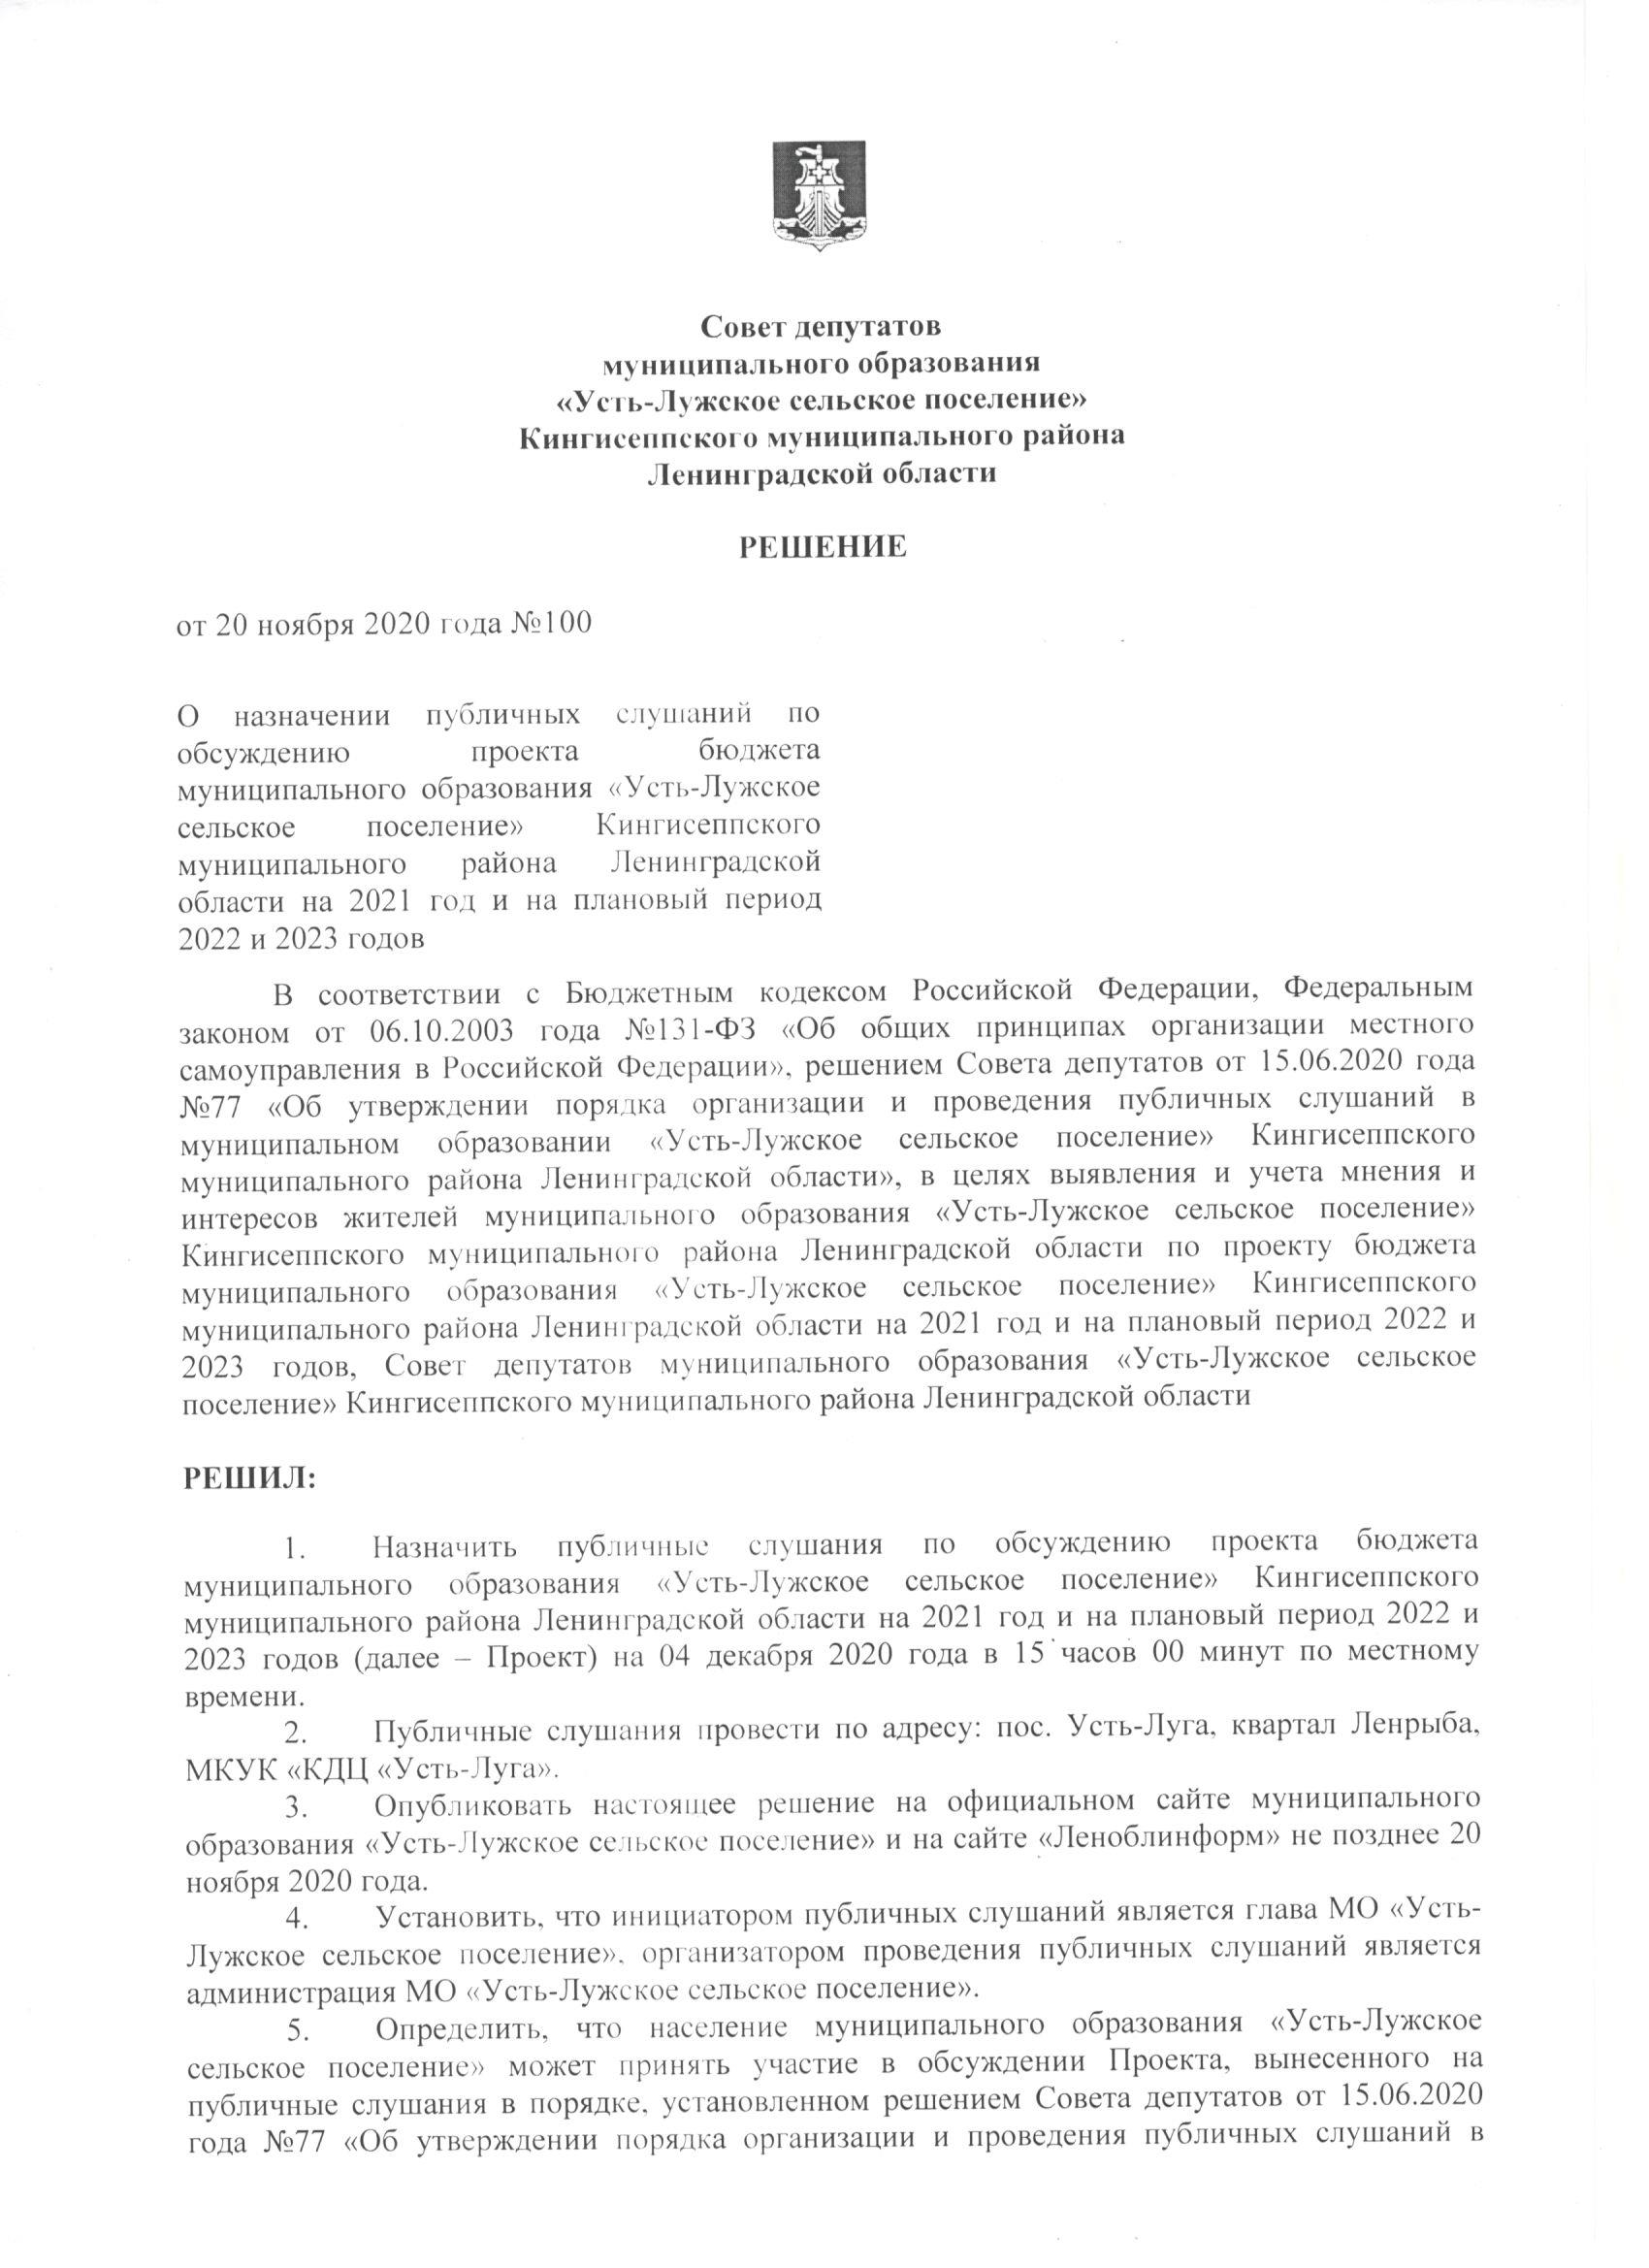 РСД 100 от 20.11.2020